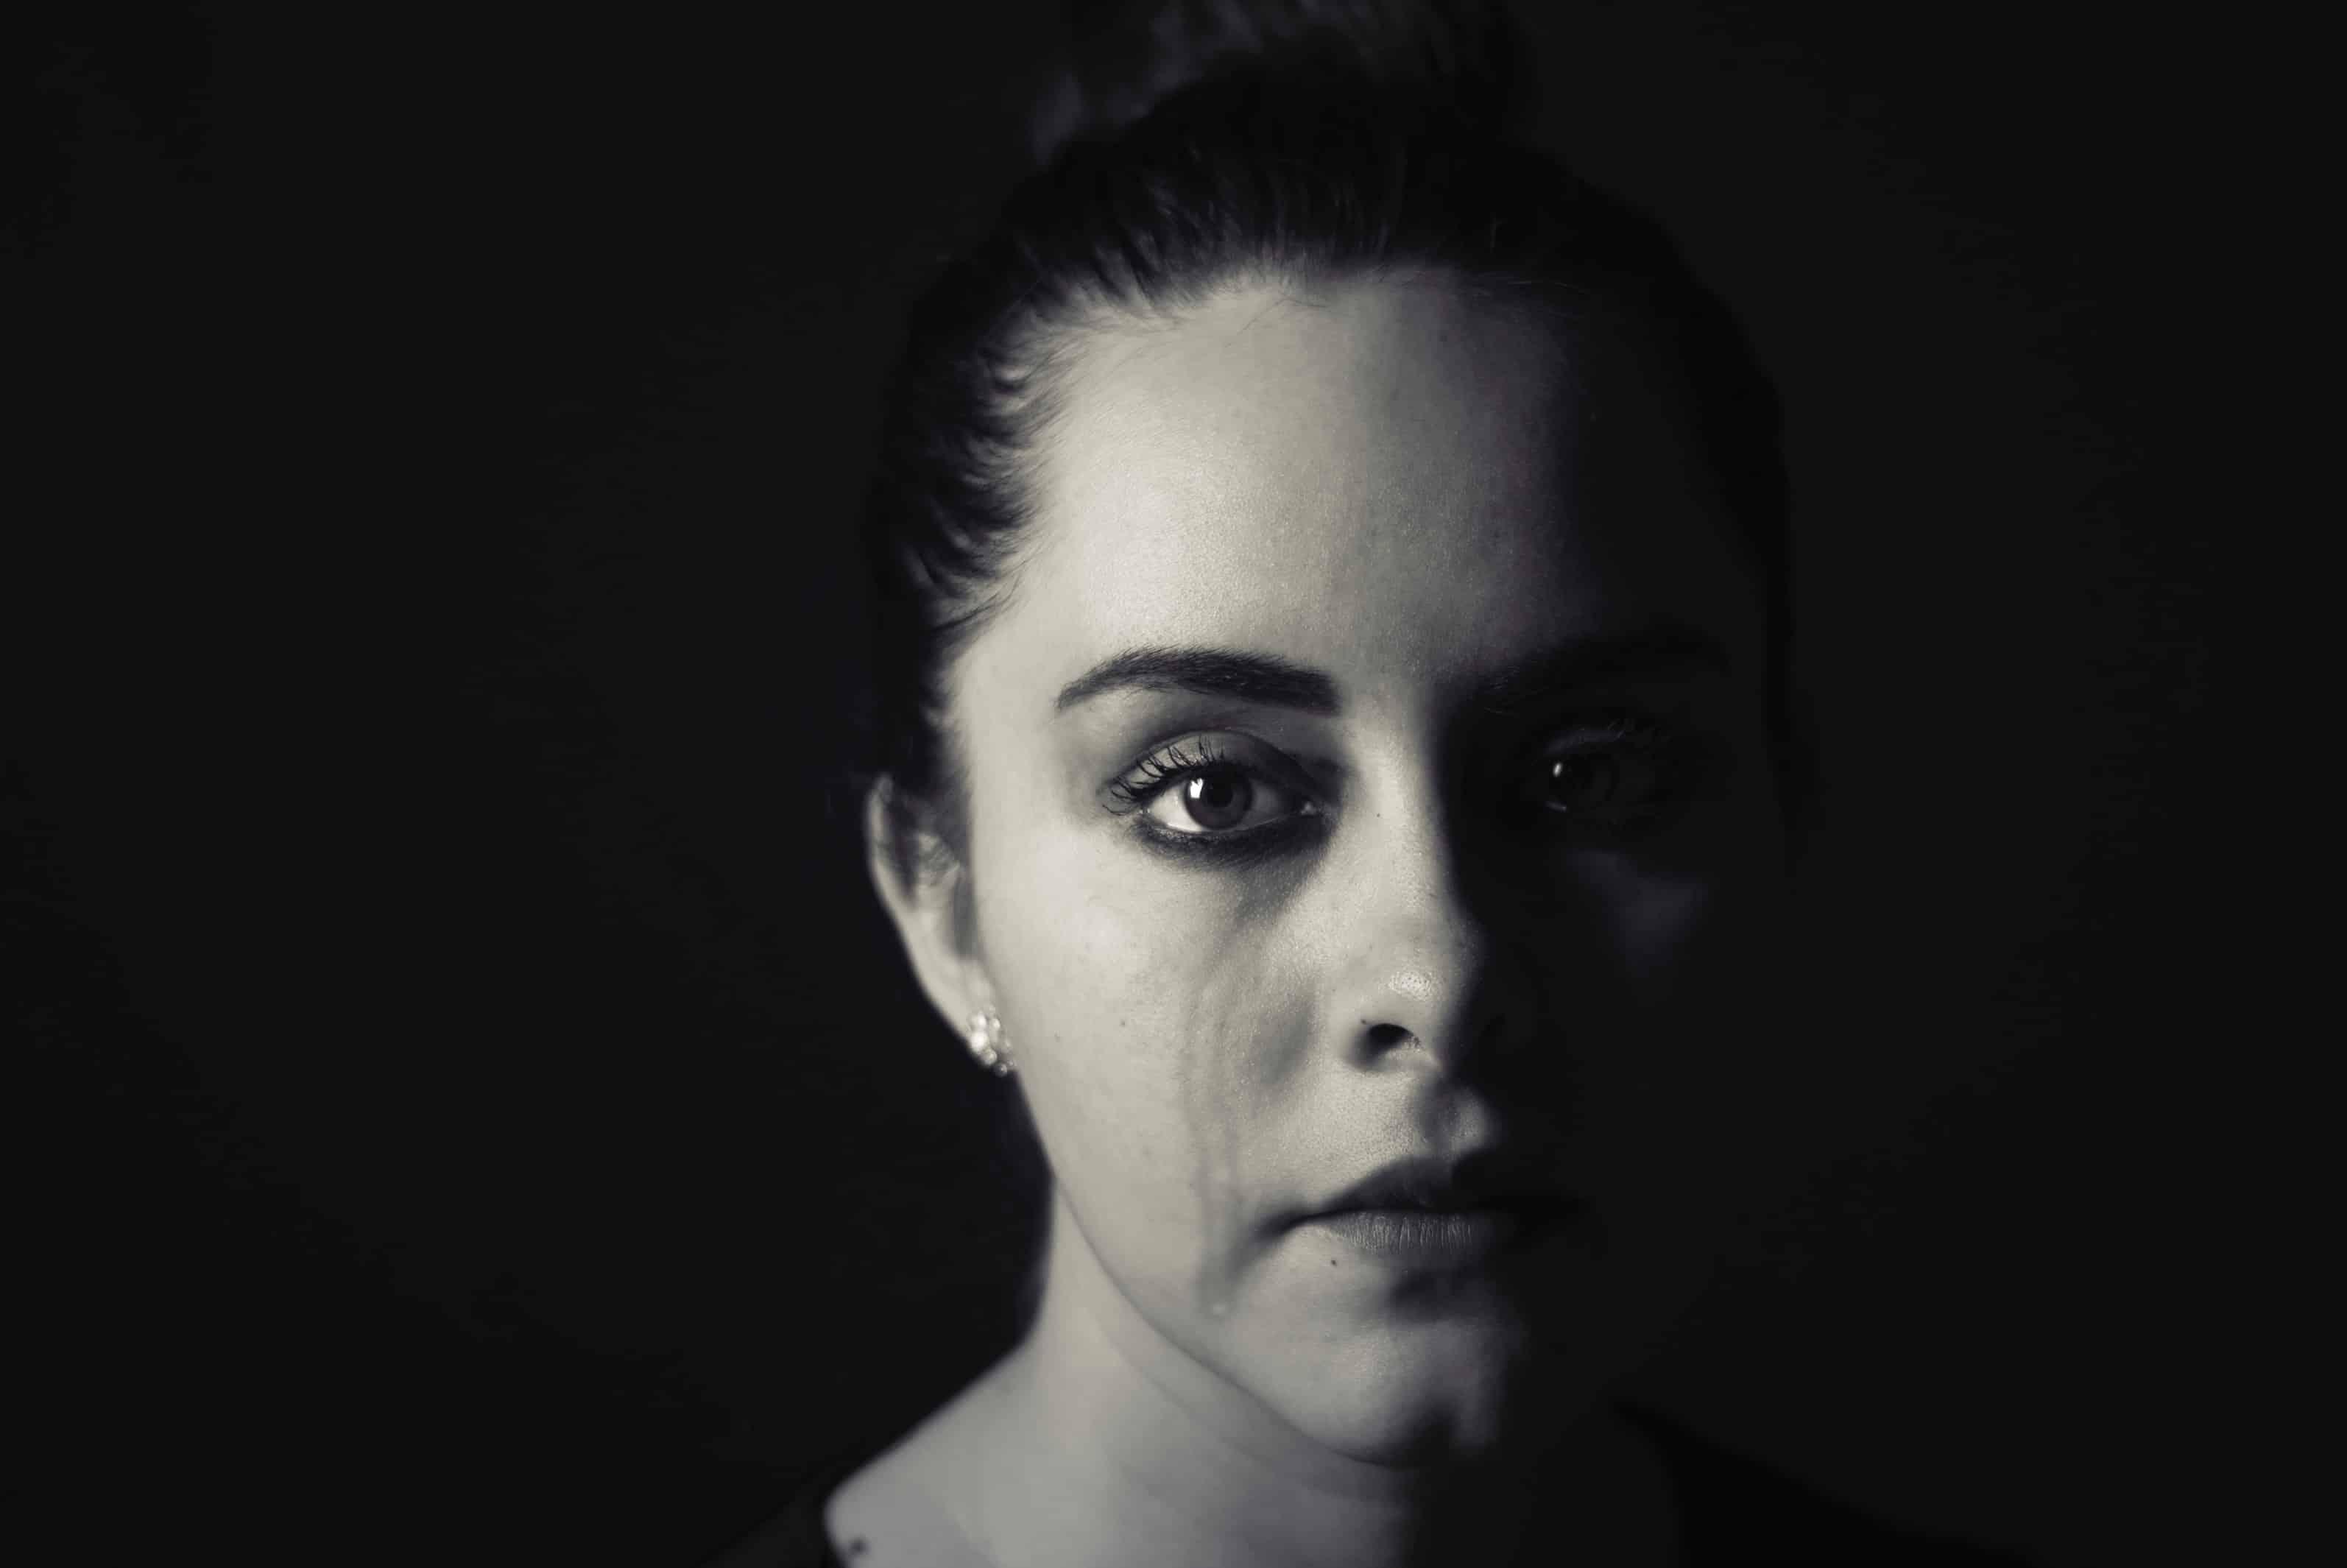 eulogy emotions